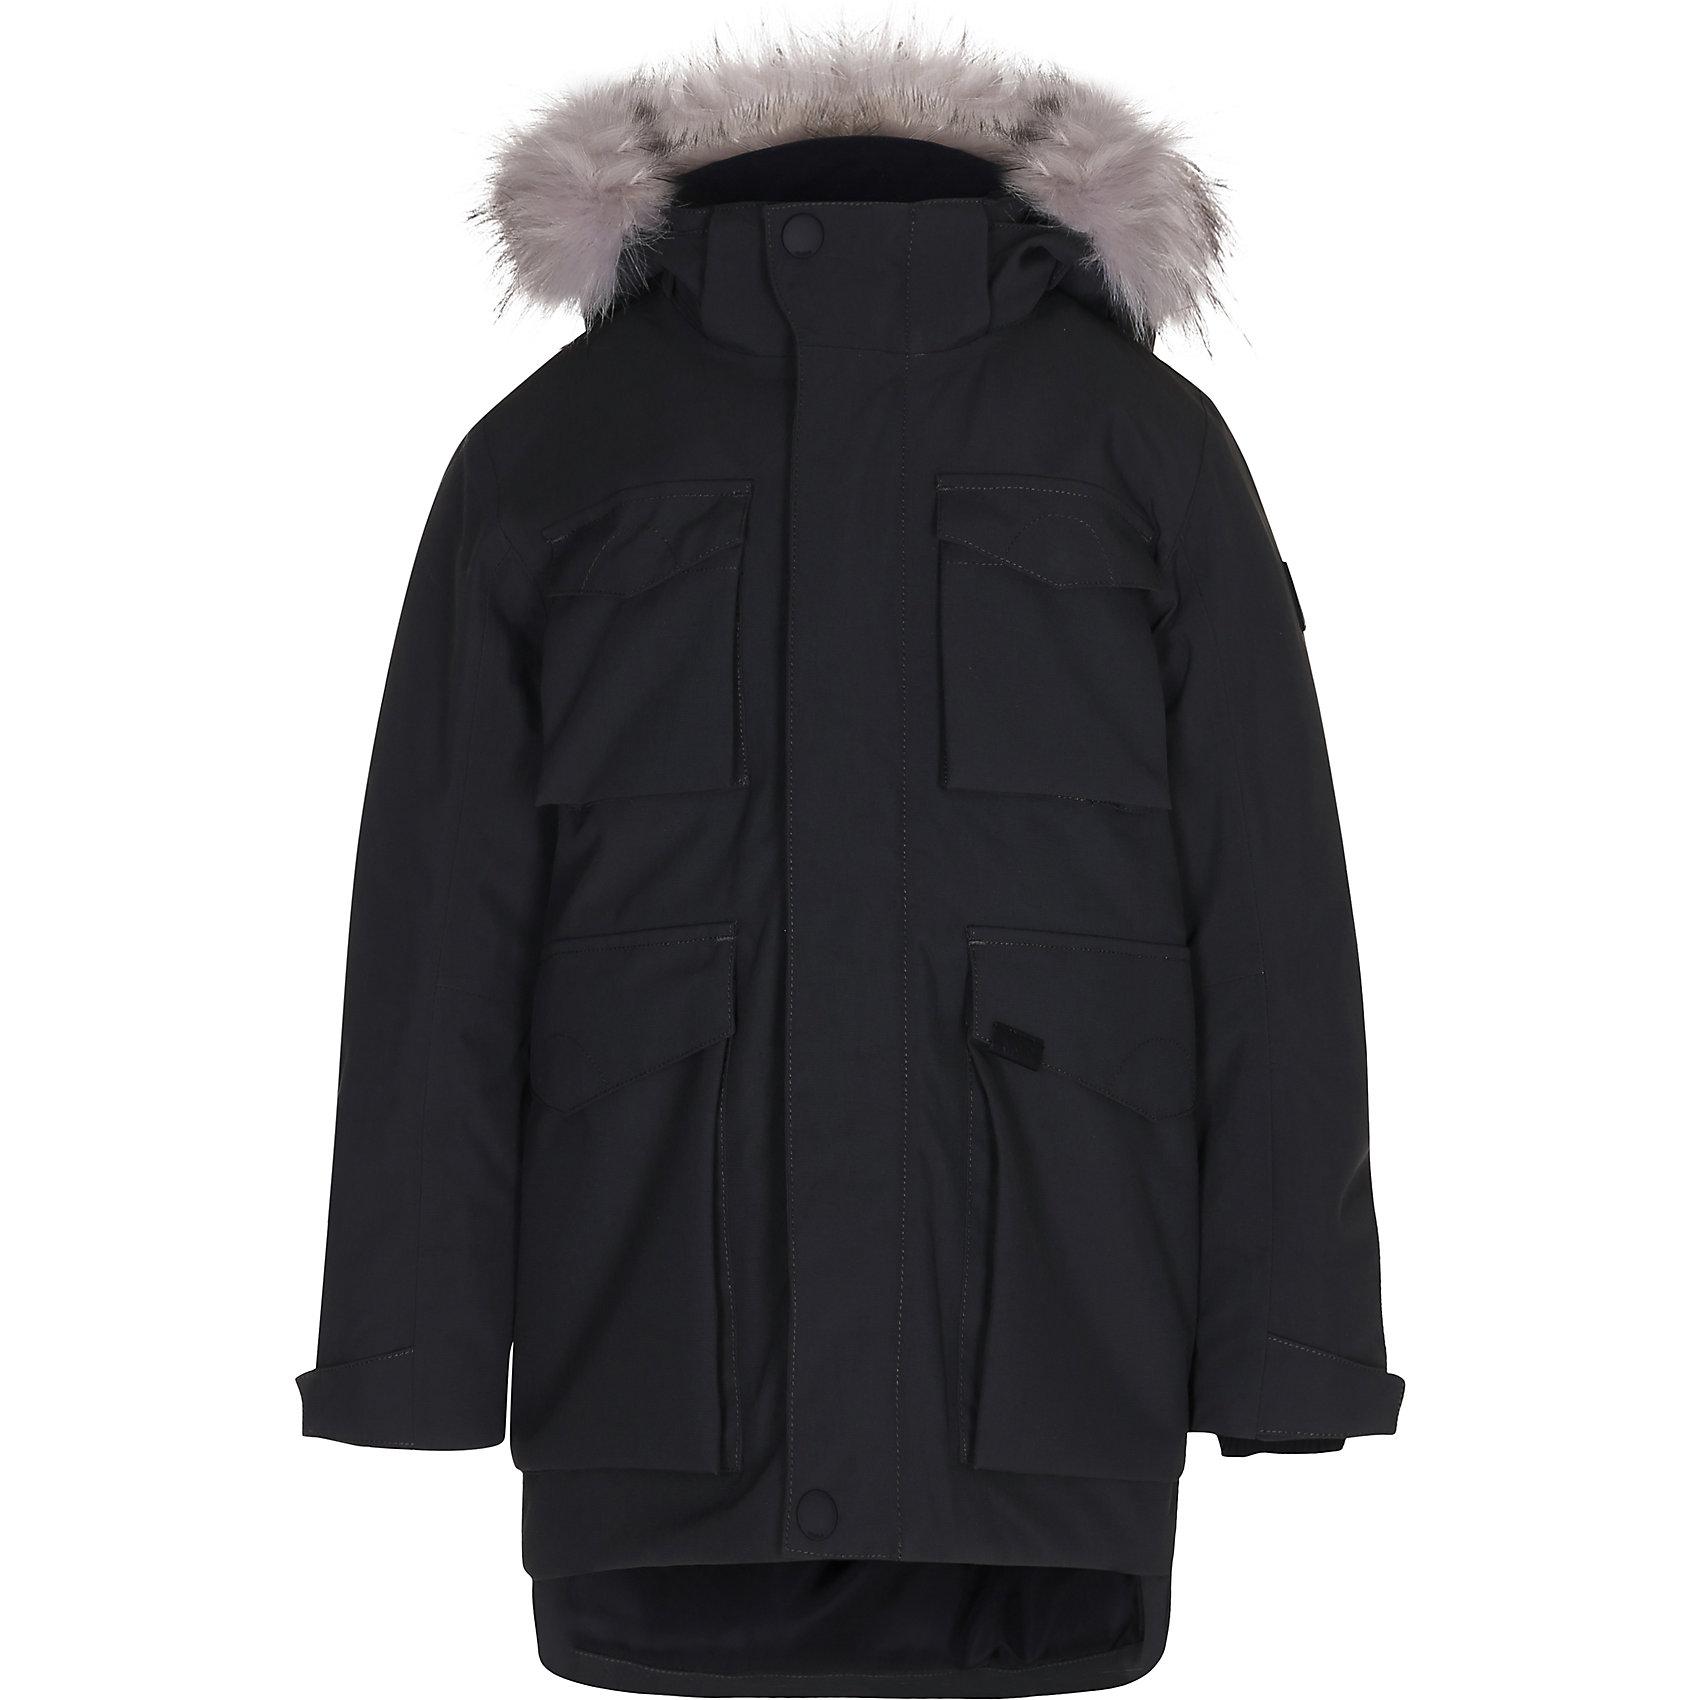 Куртка MOLOВерхняя одежда<br>Зимняя куртка Molo<br>• состав: 100% нейлон, 100% полиэстер<br>• температурный режим: 0° до -25° градусов<br>• утеплитель:  ThinsulateTM  прекрасно сохраняющий тепло,  позволяет телу дышать и остается при этом сухим и легким<br>• водонепроницаемость: 10 000 мм<br>• отвод влаги: 8 000 г/м2/24ч<br>• основные швы проклеены<br>• съёмный капюшон<br>• удобные молнии<br>• «дышащий» материал<br>• ветро- водо- и грязеотталкивающий материал<br>• ветрозащитная планка<br>• комфортная посадка<br>• прочные съёмные силиконовые штрипки<br>• страна производства: Китай<br>• страна бренда: Дания <br> Фантастический и причудливый датский бренд Molo это самый актуальный и стильный дизайн в детской одежде для маленьких модников.<br><br>Ширина мм: 356<br>Глубина мм: 10<br>Высота мм: 245<br>Вес г: 519<br>Цвет: черный<br>Возраст от месяцев: 180<br>Возраст до месяцев: 192<br>Пол: Унисекс<br>Возраст: Детский<br>Размер: 146,152,164,176,128,134,140<br>SKU: 6994928